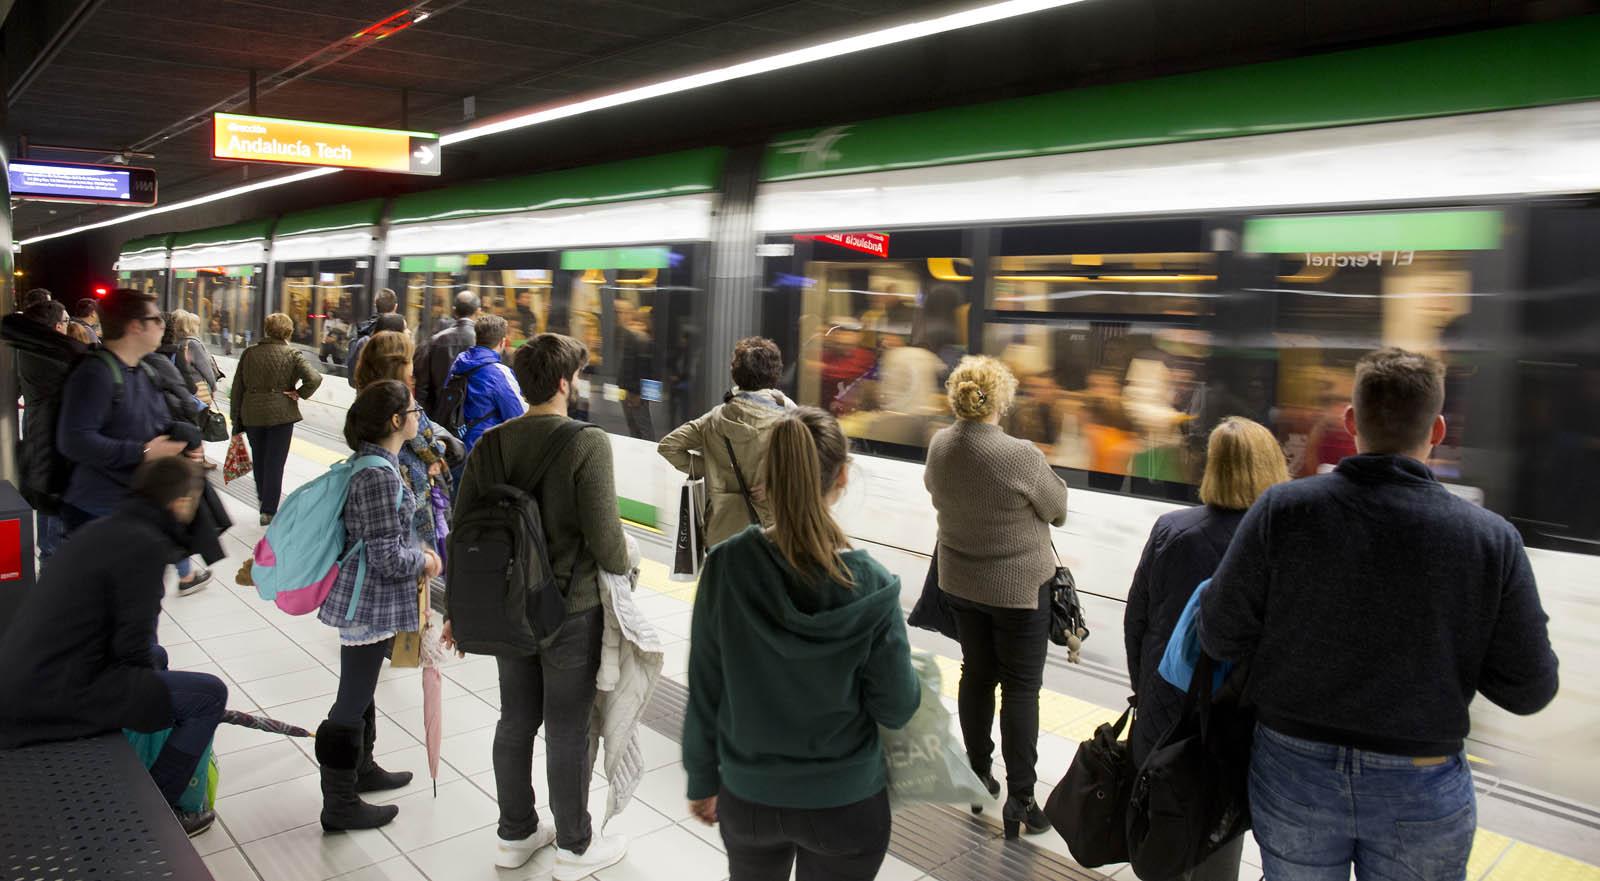 En el presente año, el ritmo de crecimiento de la demanda de viajeros supera el 7% interanual.